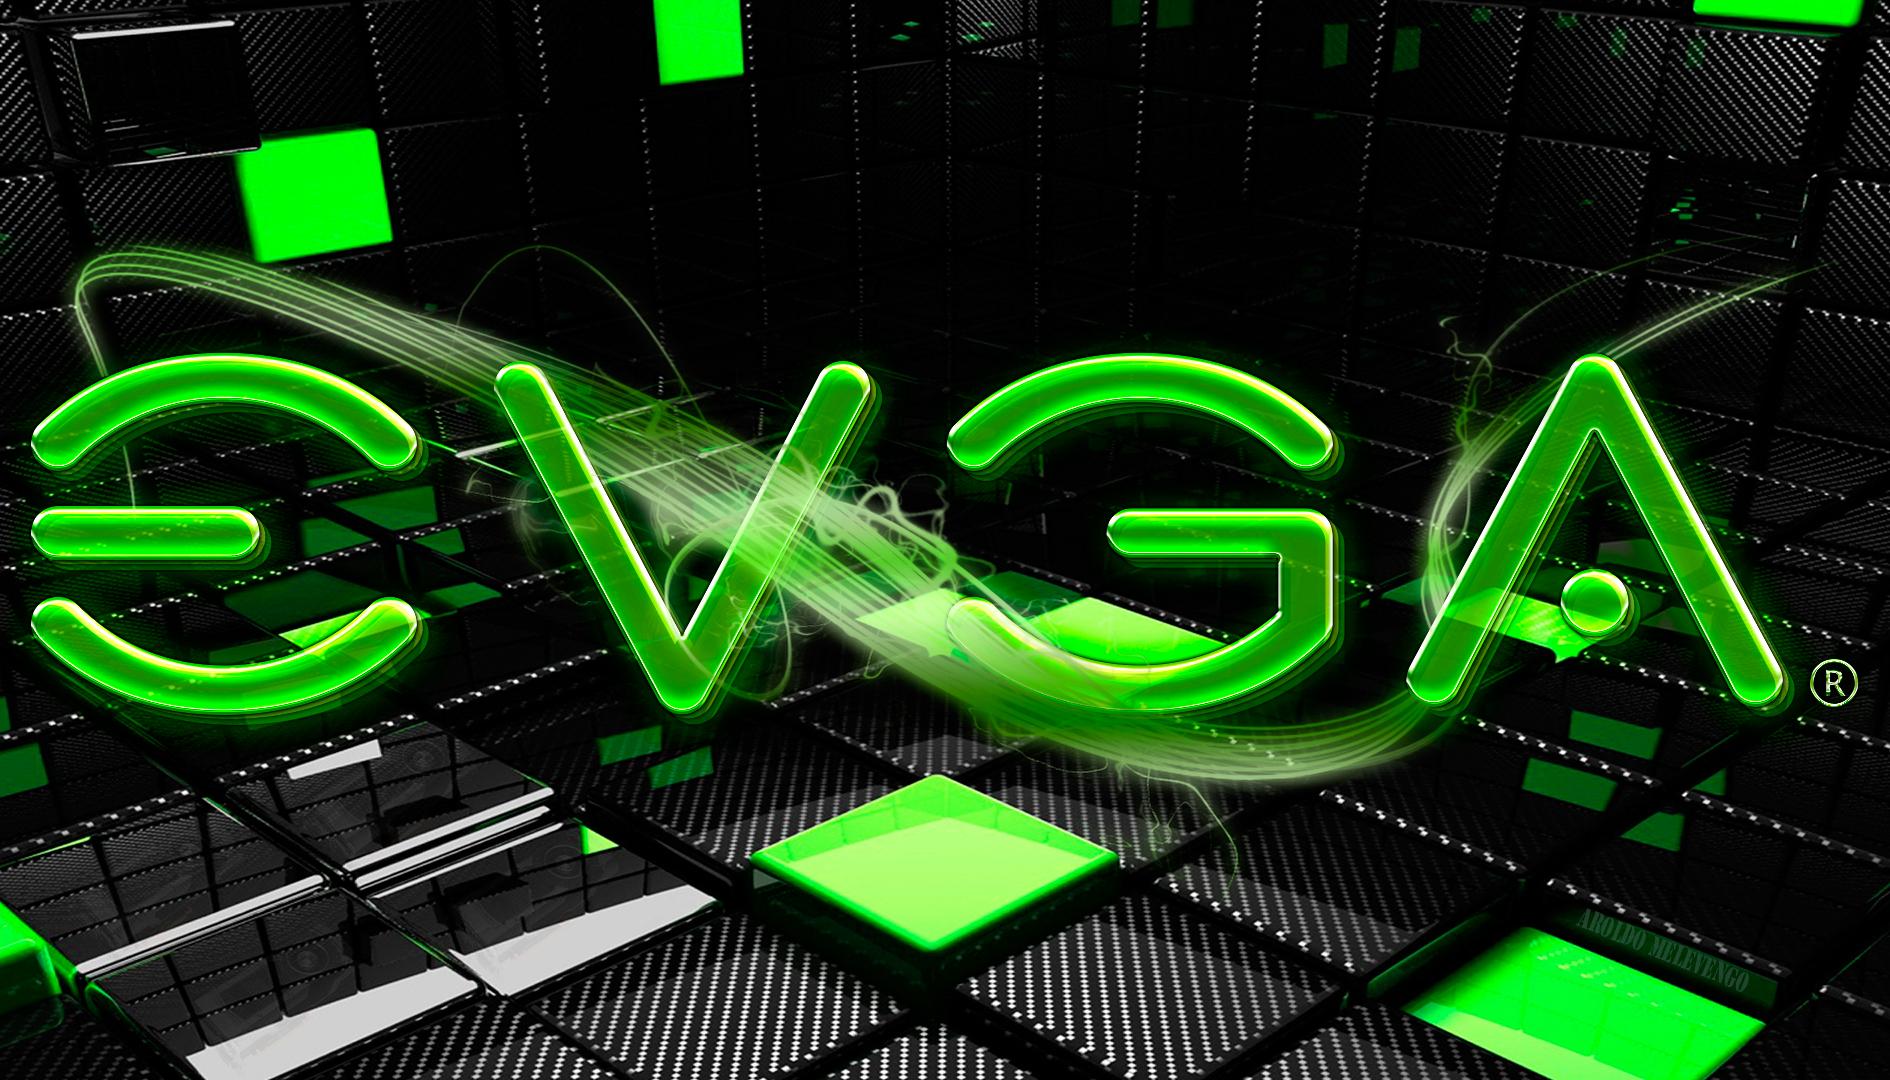 PowerLink, l'adattatore di EVGA che protegge la scheda video